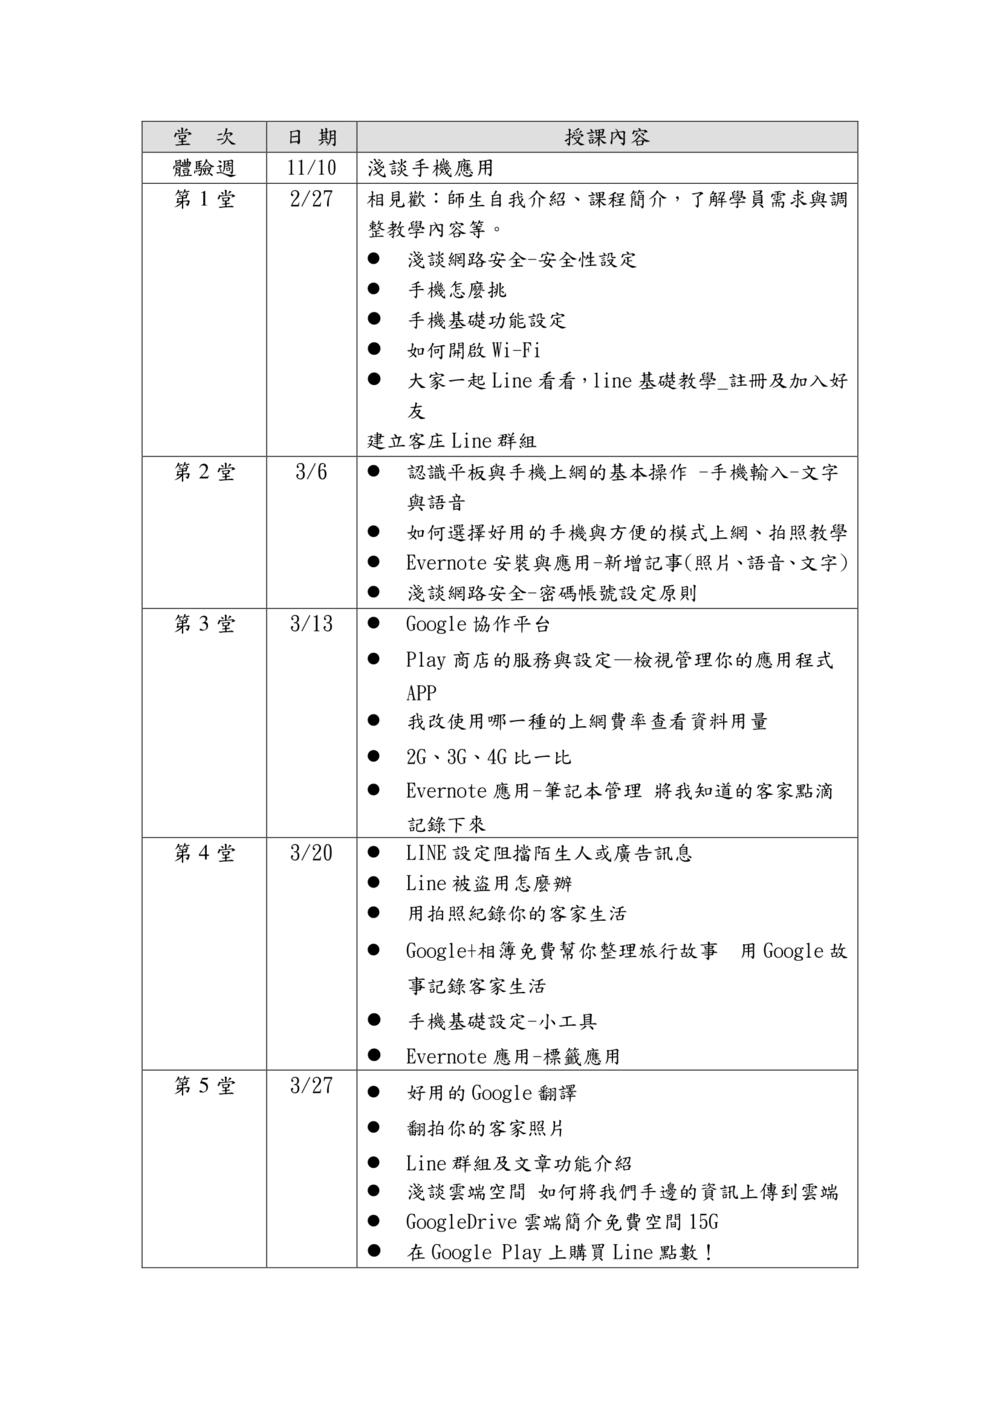 單堂課程表-13.png